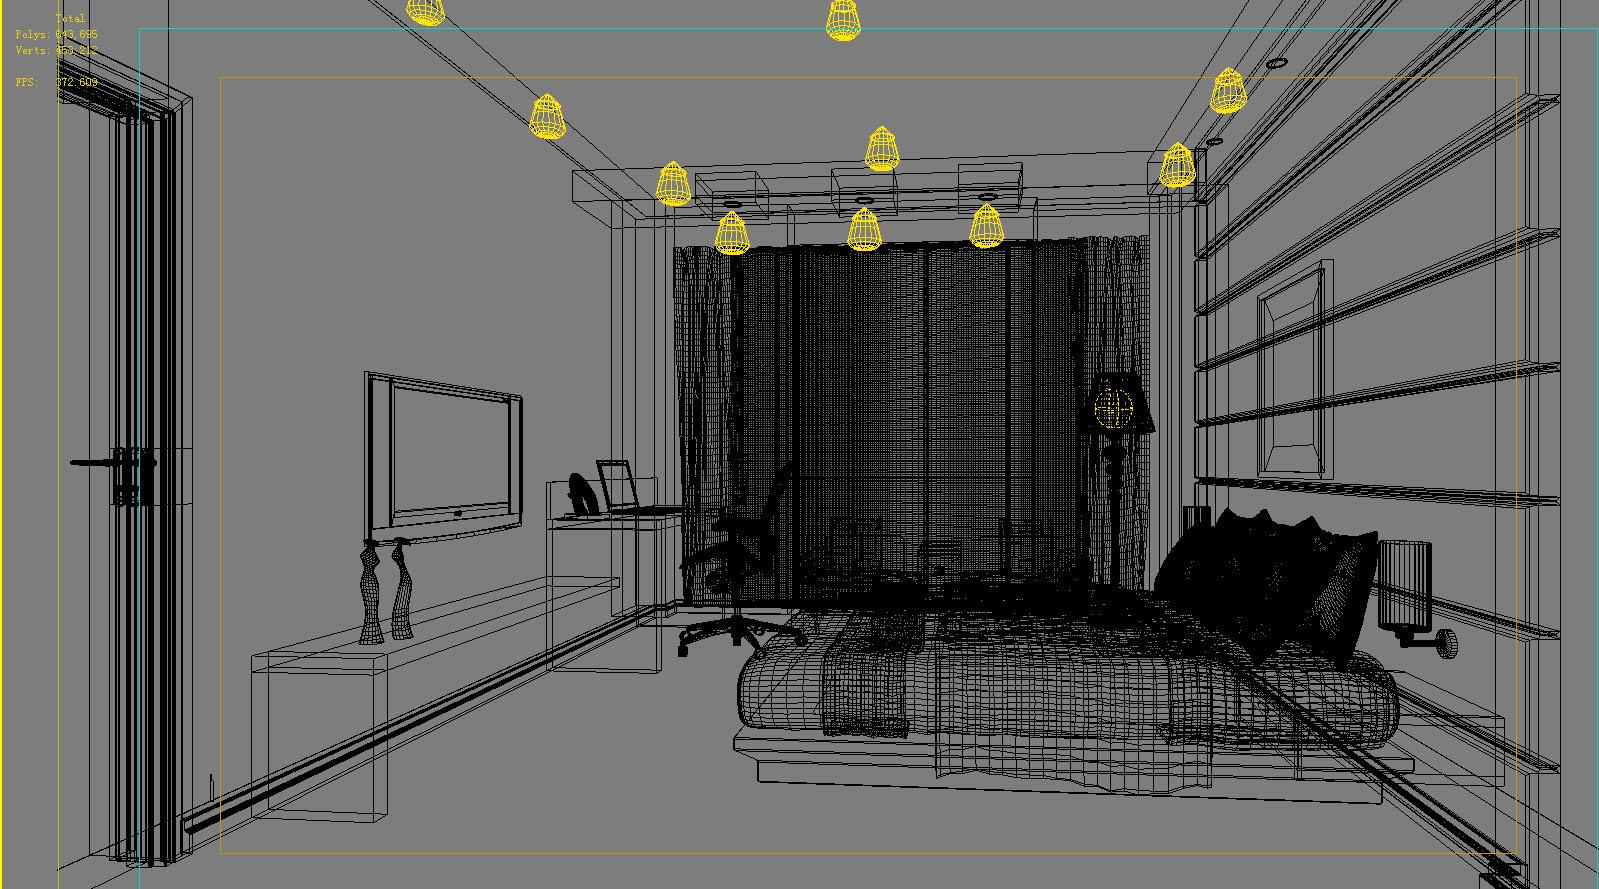 Deluxe Guest Room With Plasma Tv 3d Cgtrader # Plasma De Luxe